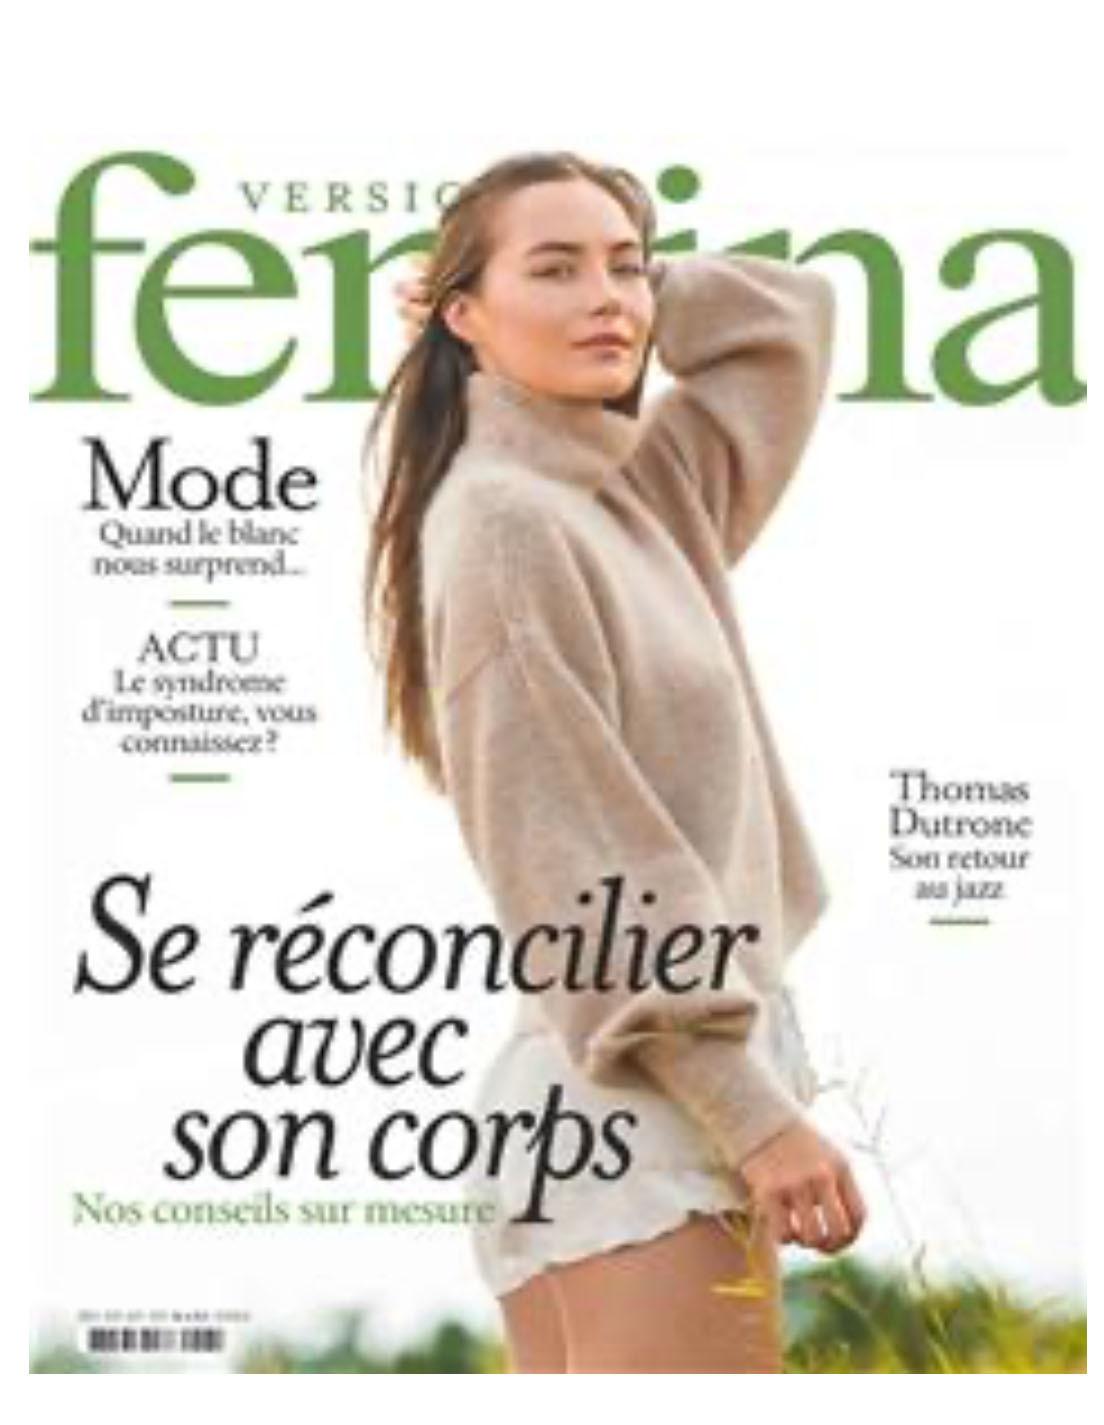 Femina_FR_Mrch_small_1